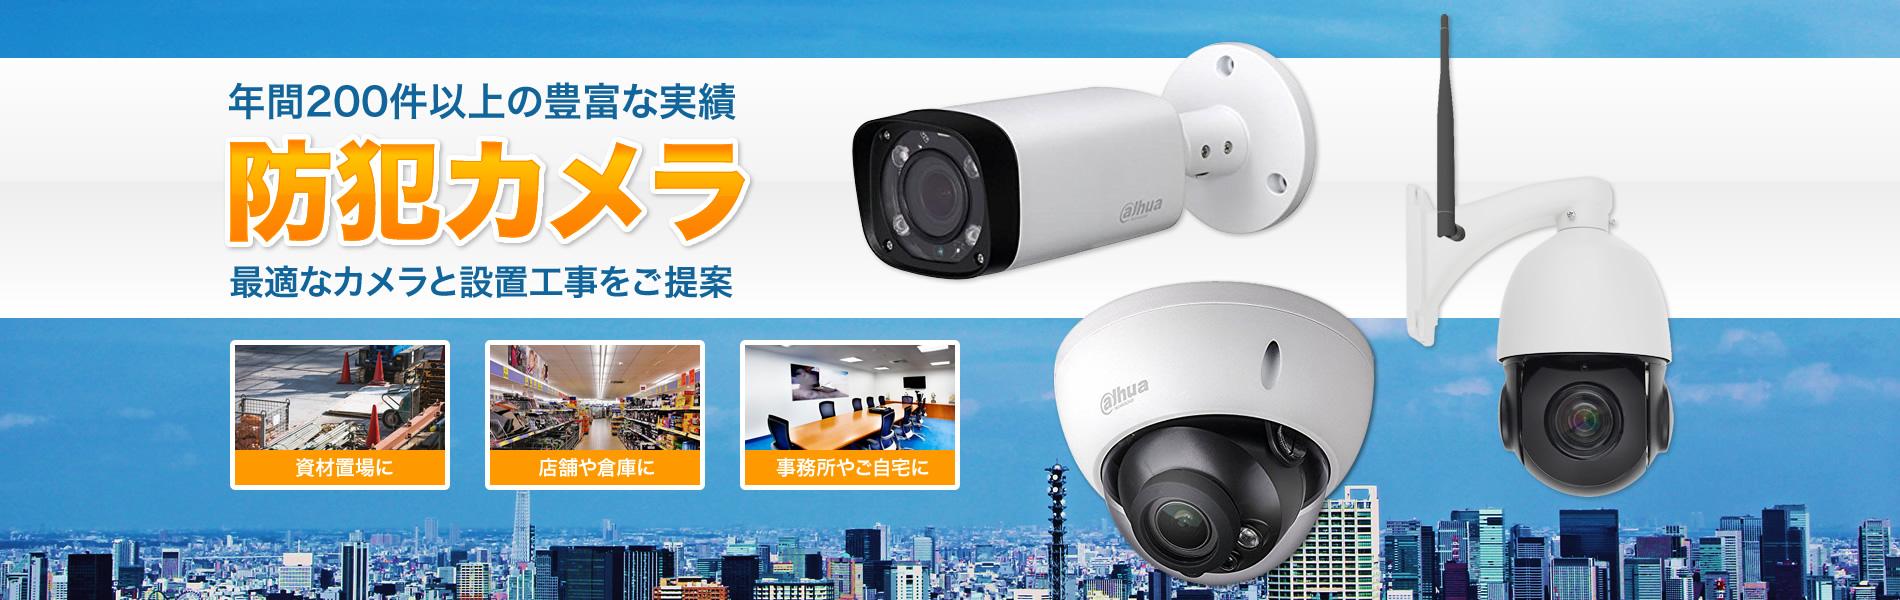 防犯カメラ・監視カメラの選定と屋外や屋内の最適な設置場所をご提案